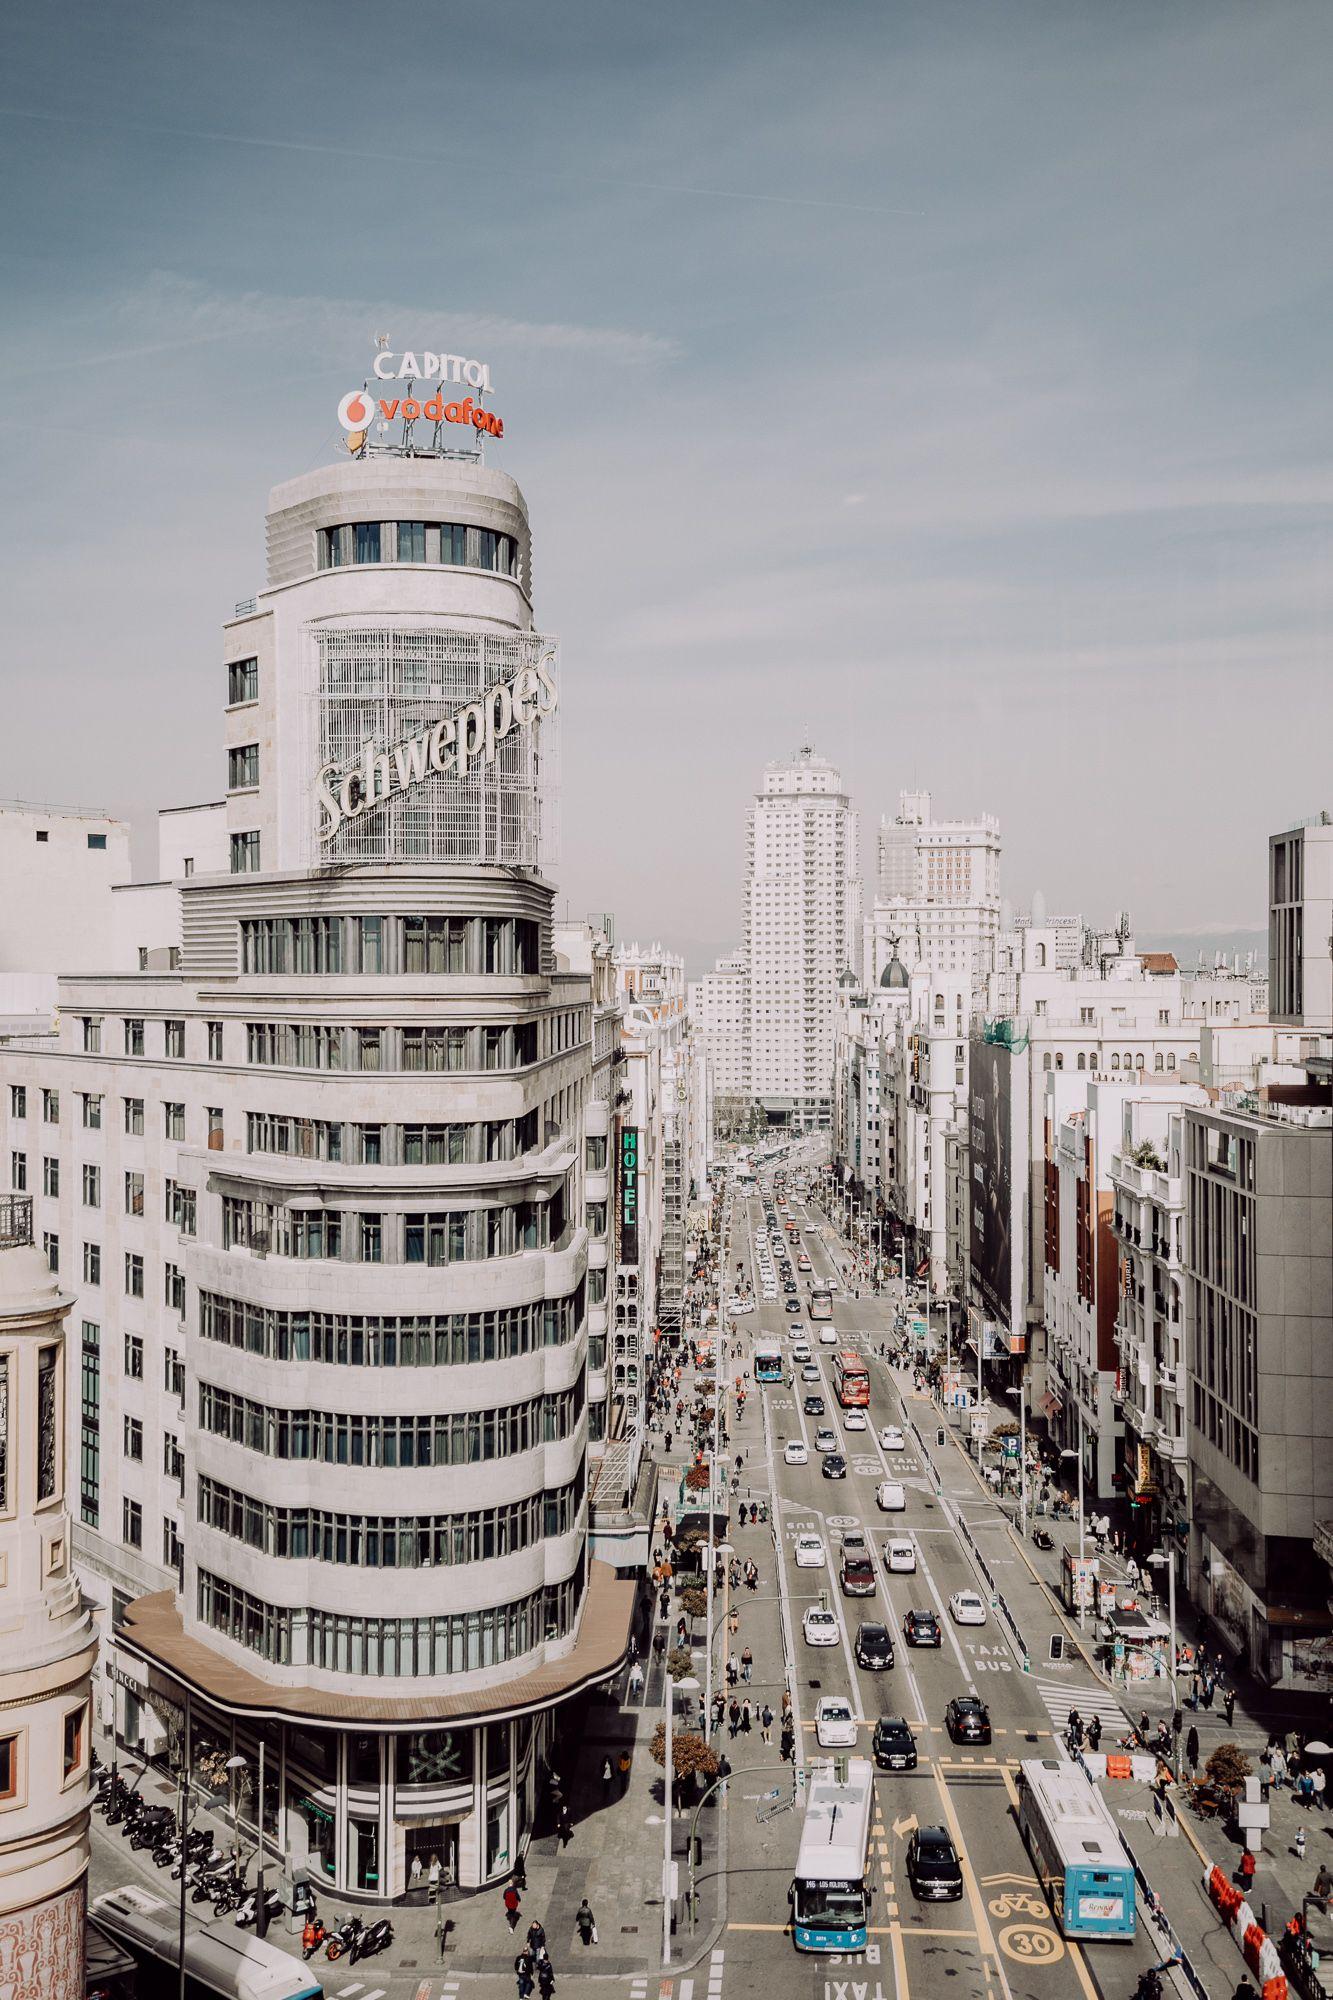 Madrid Y Nada Mas Eine Woche Spanisch Sprachschule In Madrid Mit Ef En 2020 Madrid Ciudad Ciudades